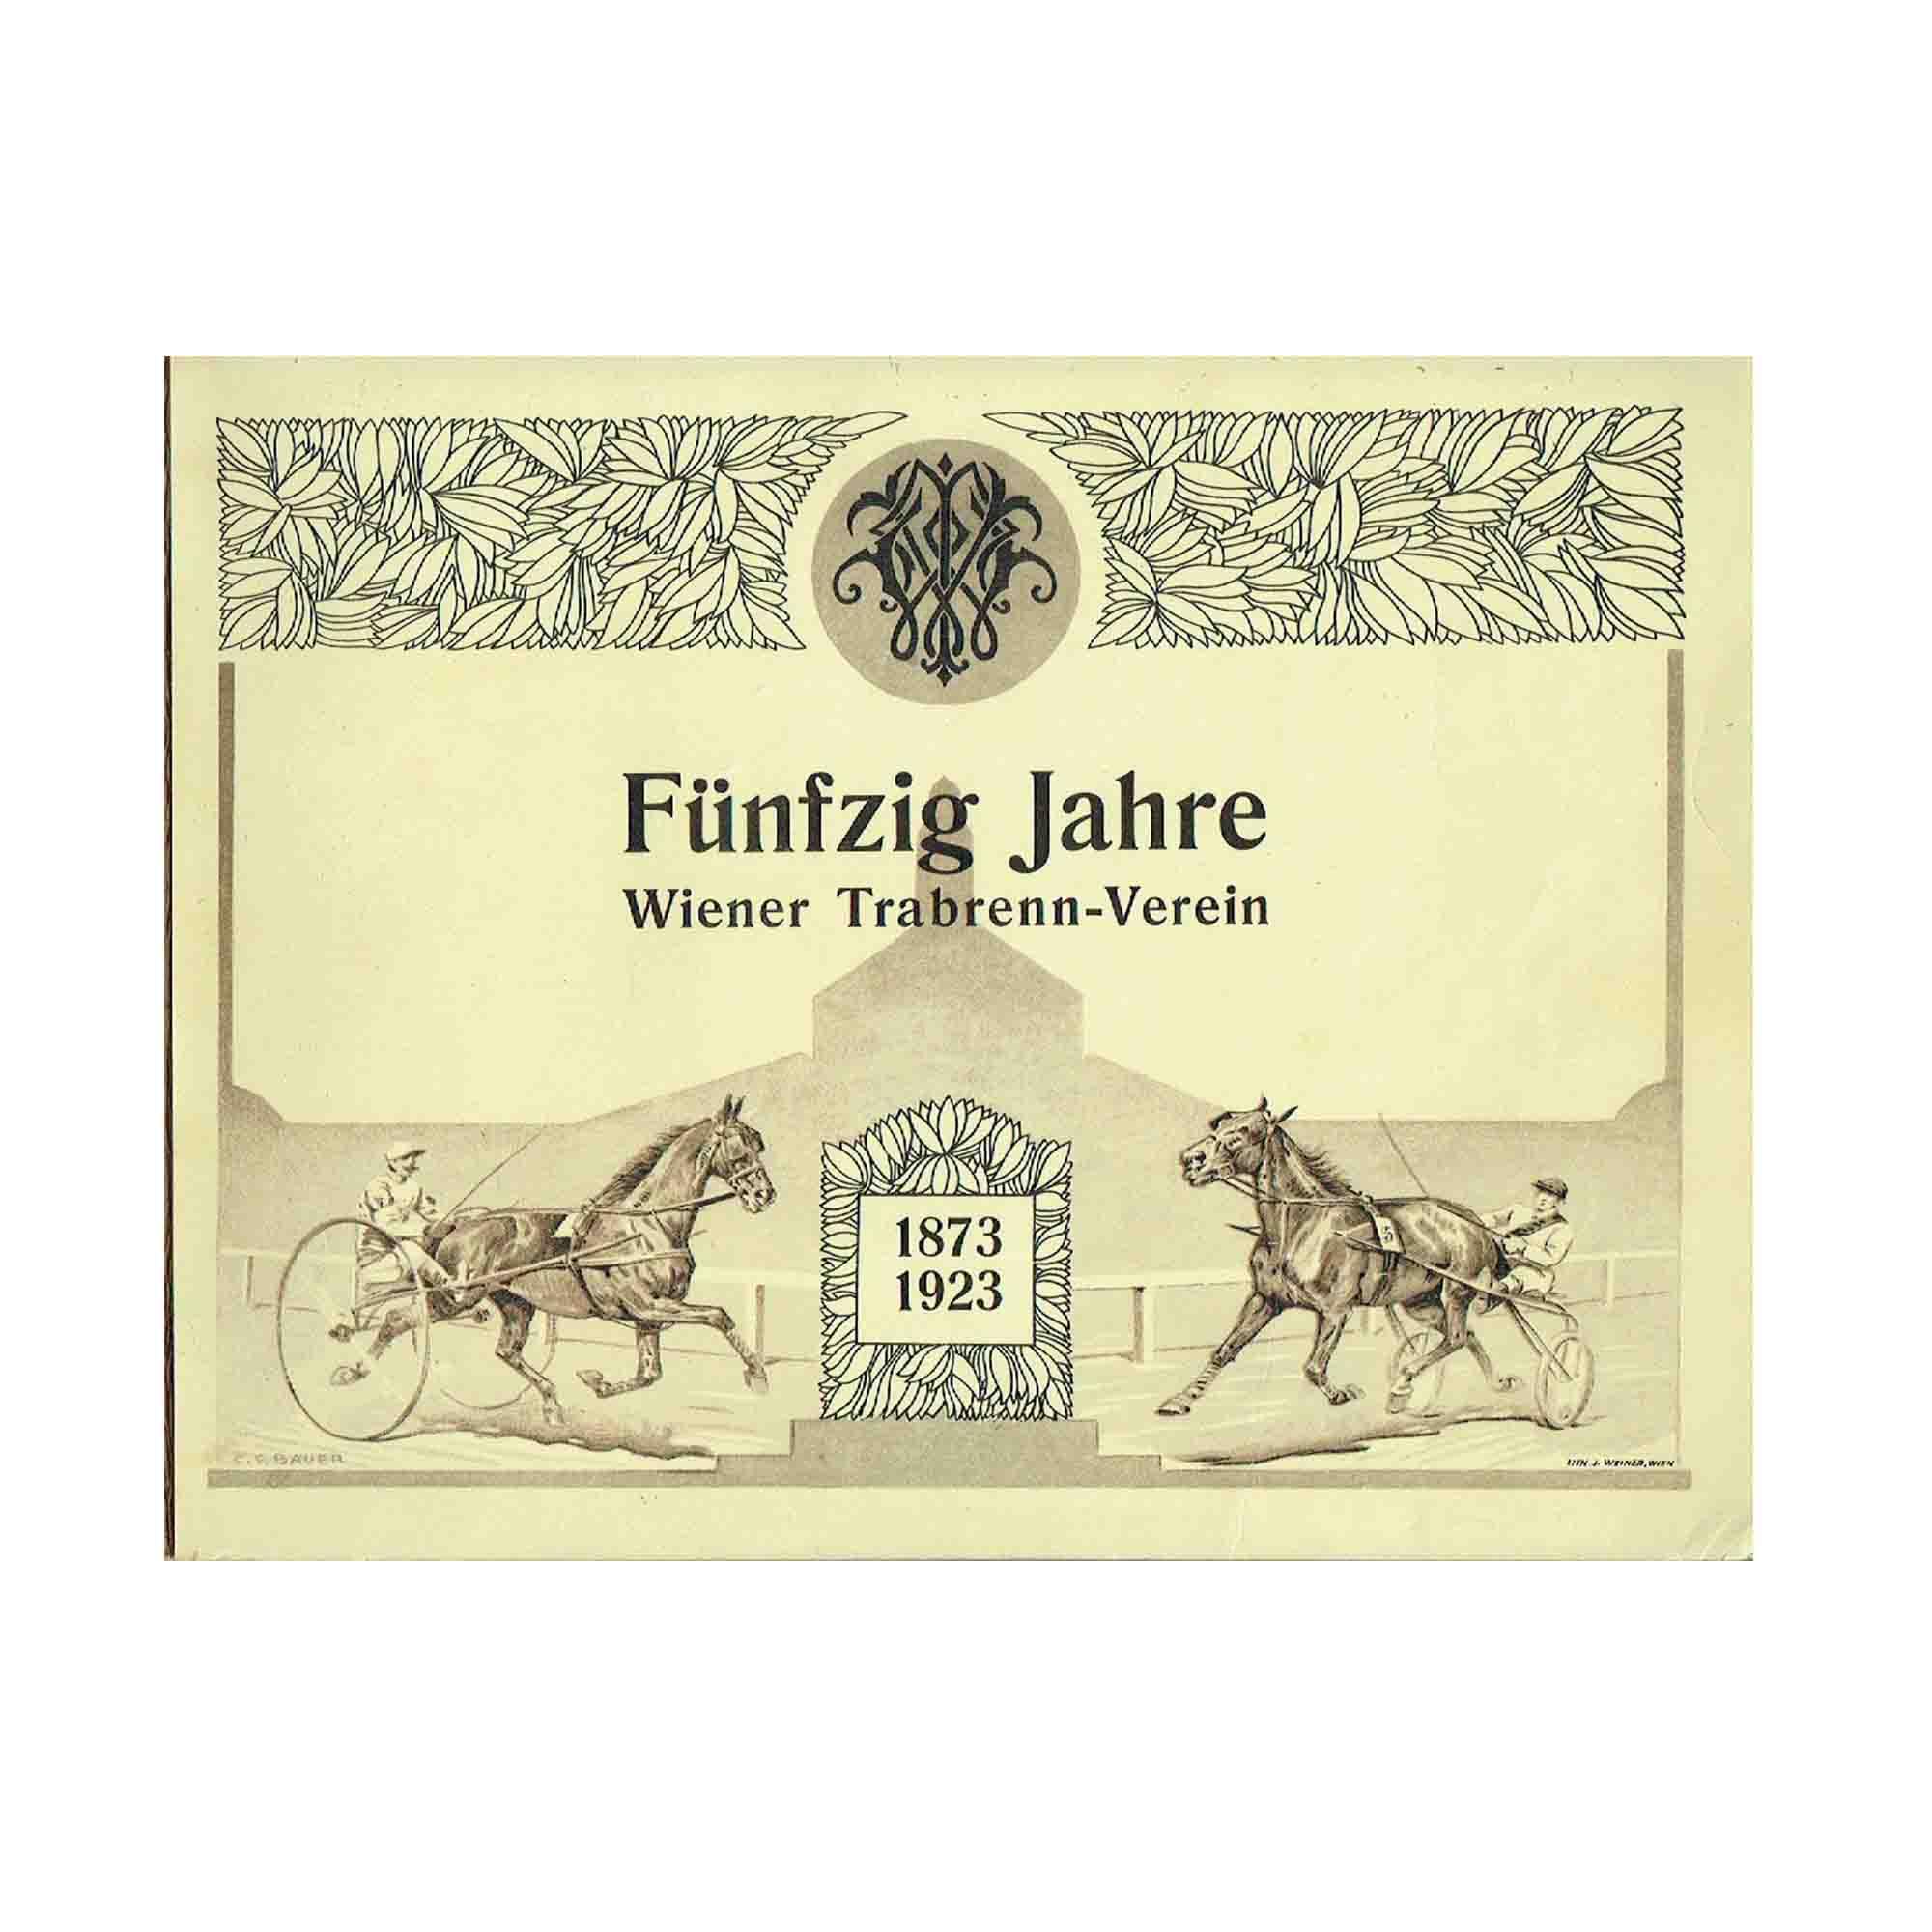 5388-Tschoepe-Wiener-Trabrenn-Verein-1873-1923-Umschlag-N.jpg